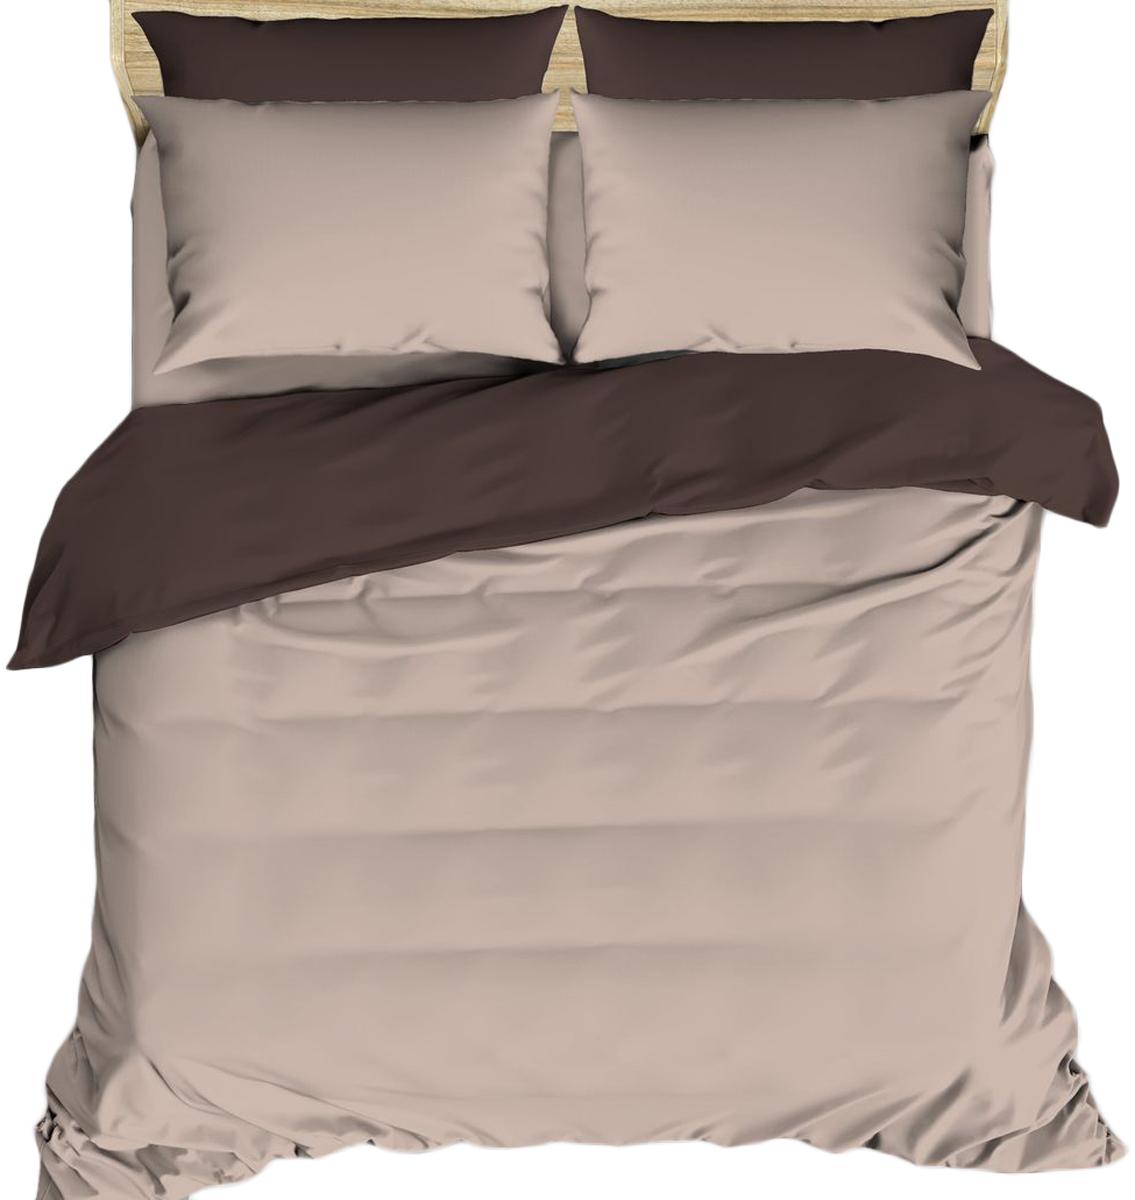 Комплект постельного белья Василиса Будто случайно, 2-спальный, наволочки 70x70;50x70. 163543163543Комплекты постельного белья Василиса коллекции Люкс (из сатина, 100% хлопок) - это российский продукт высочайшего качества ткани, с полноценной евро-простыней и дизайнерскими расцветками.Бесшовное.Ткань очень приятна на ощупь, блестящая и плотная.Сатиновое постельное белье долговечно и выдерживает большое число стирок.Не пилингуется.Способ застегивания наволочки - клапан, пододеяльника - отверстие без застежки по краю изделия с подвернутым краем.Советы по выбору постельного белья от блогера Ирины Соковых. Статья OZON Гид